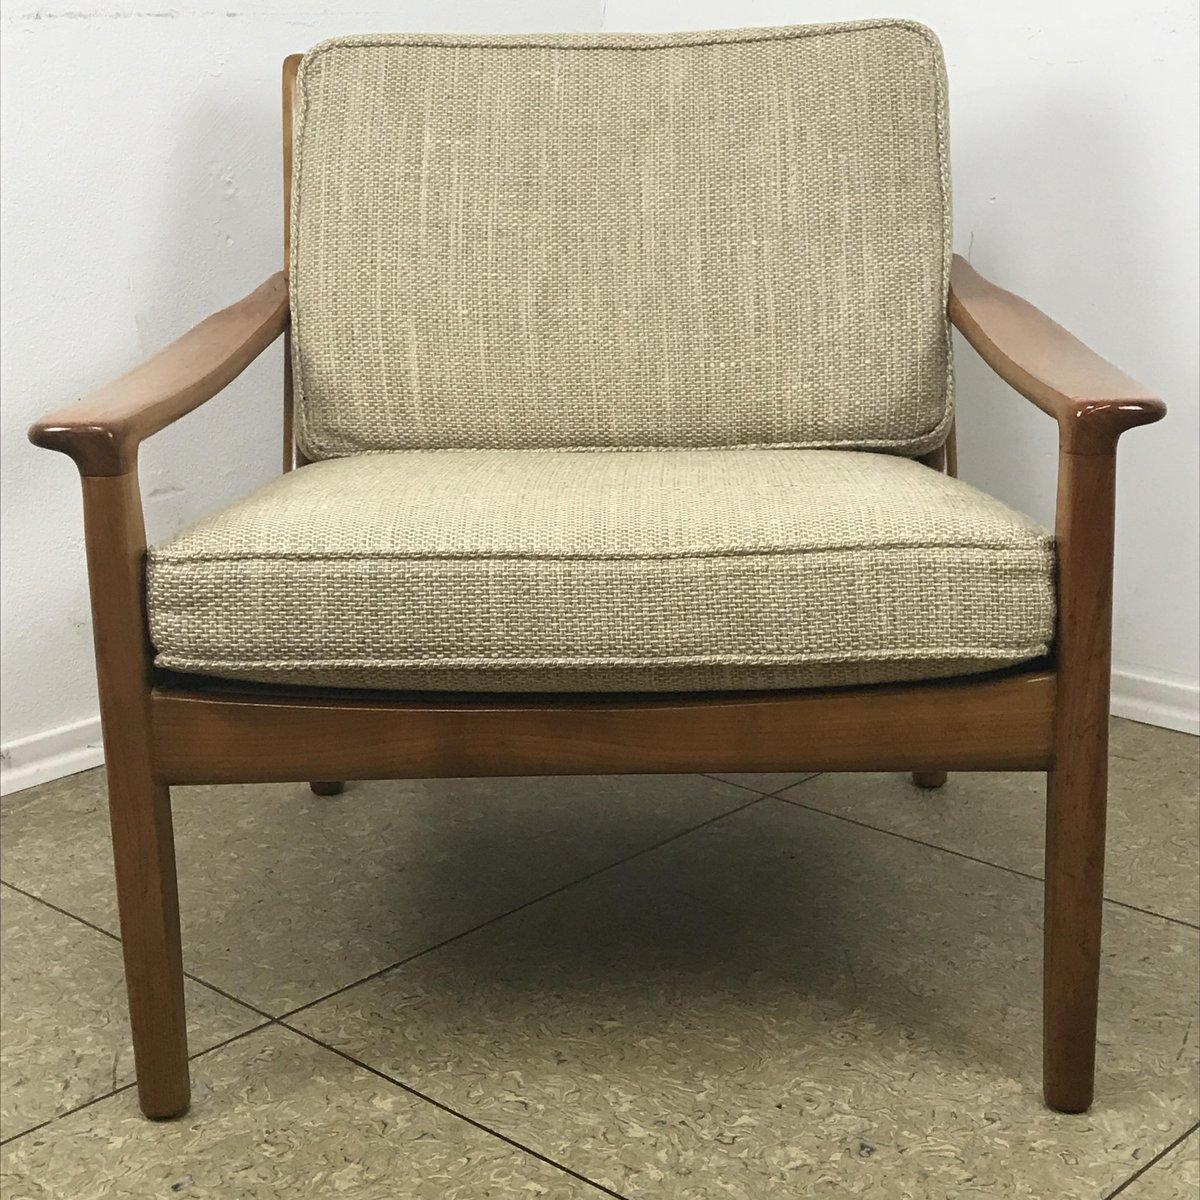 vintage sessel aus kirschholz von straub bei pamono kaufen. Black Bedroom Furniture Sets. Home Design Ideas